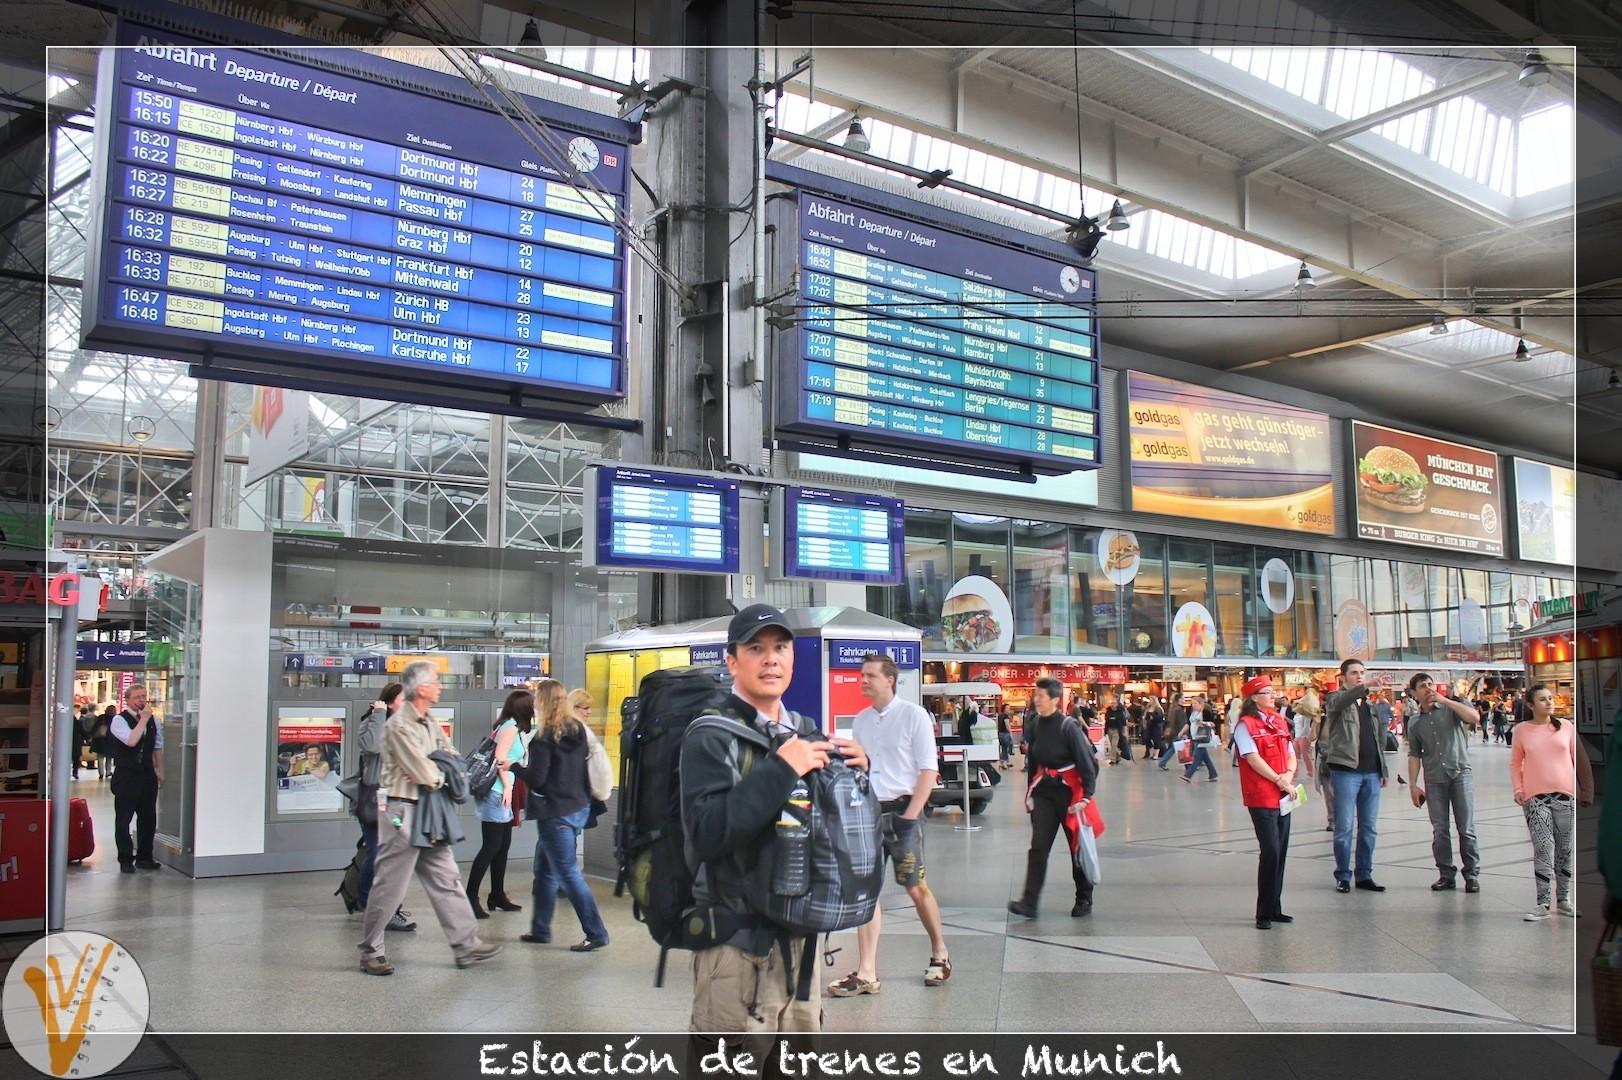 Estación de trenes en Munich